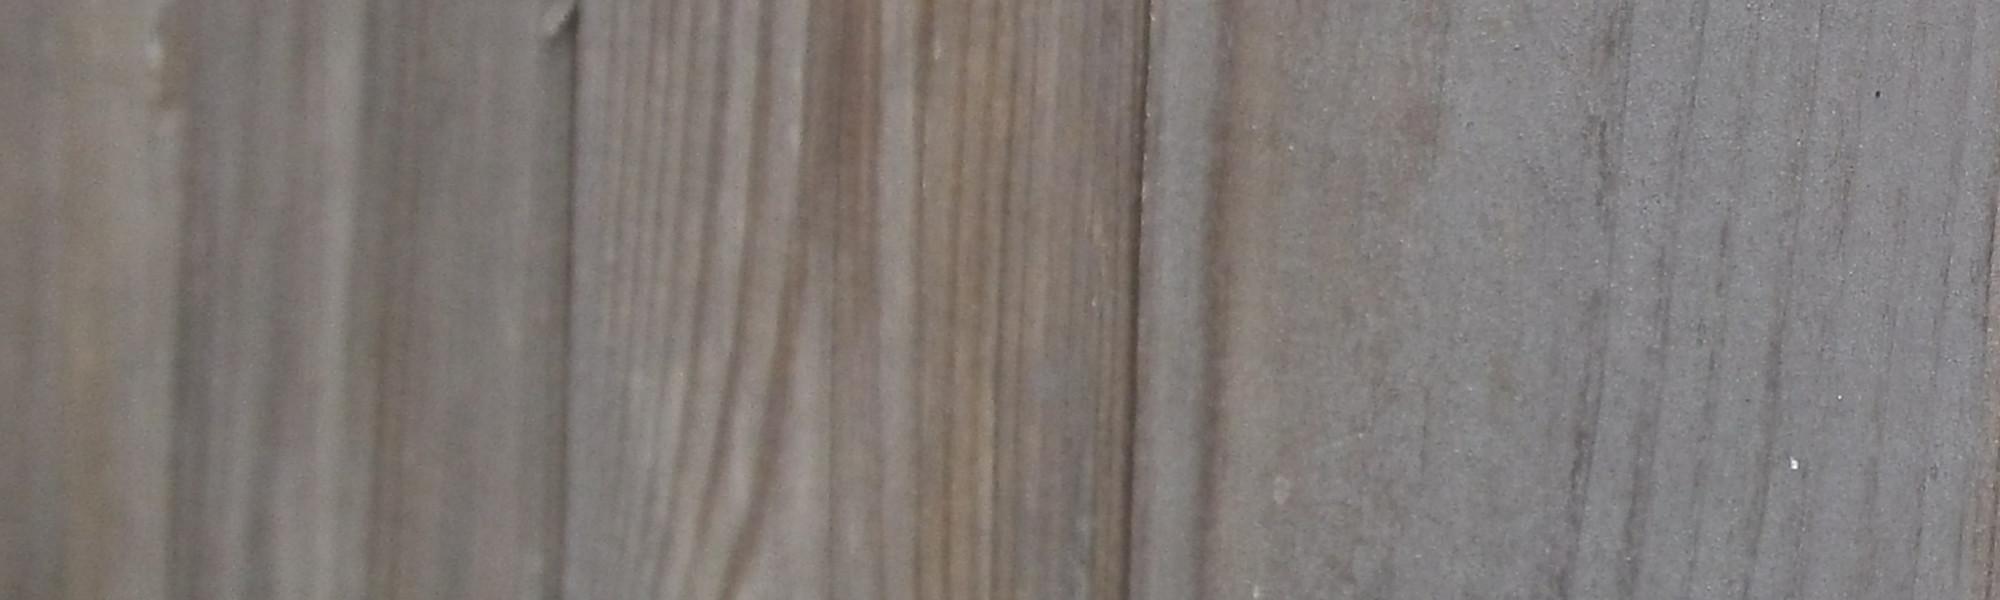 vlakhout